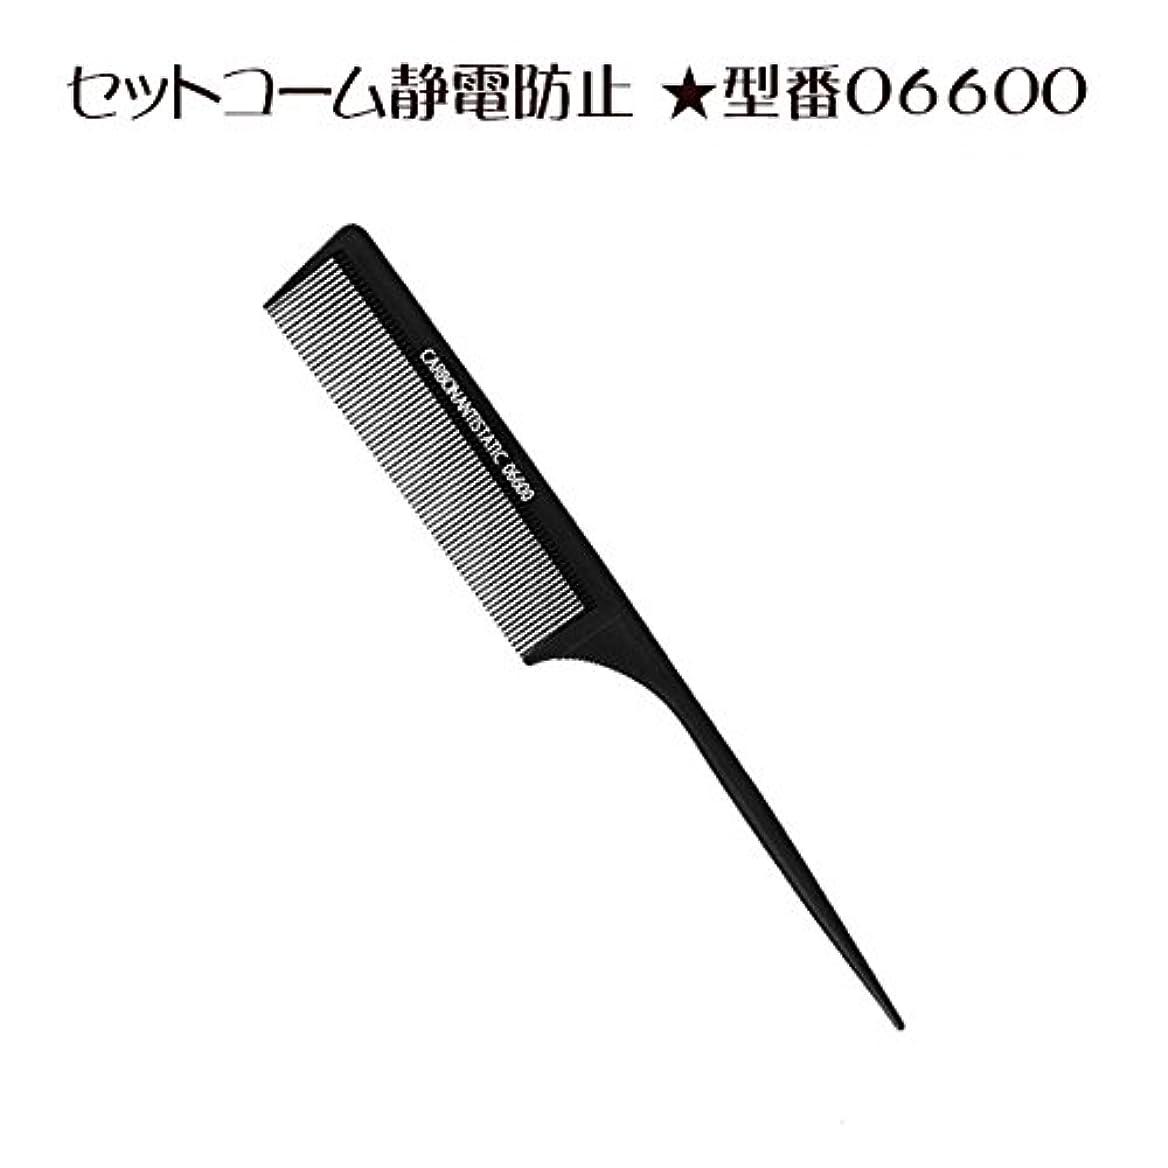 適度に保全利用可能セットコーム静電気防止 (ブラック)